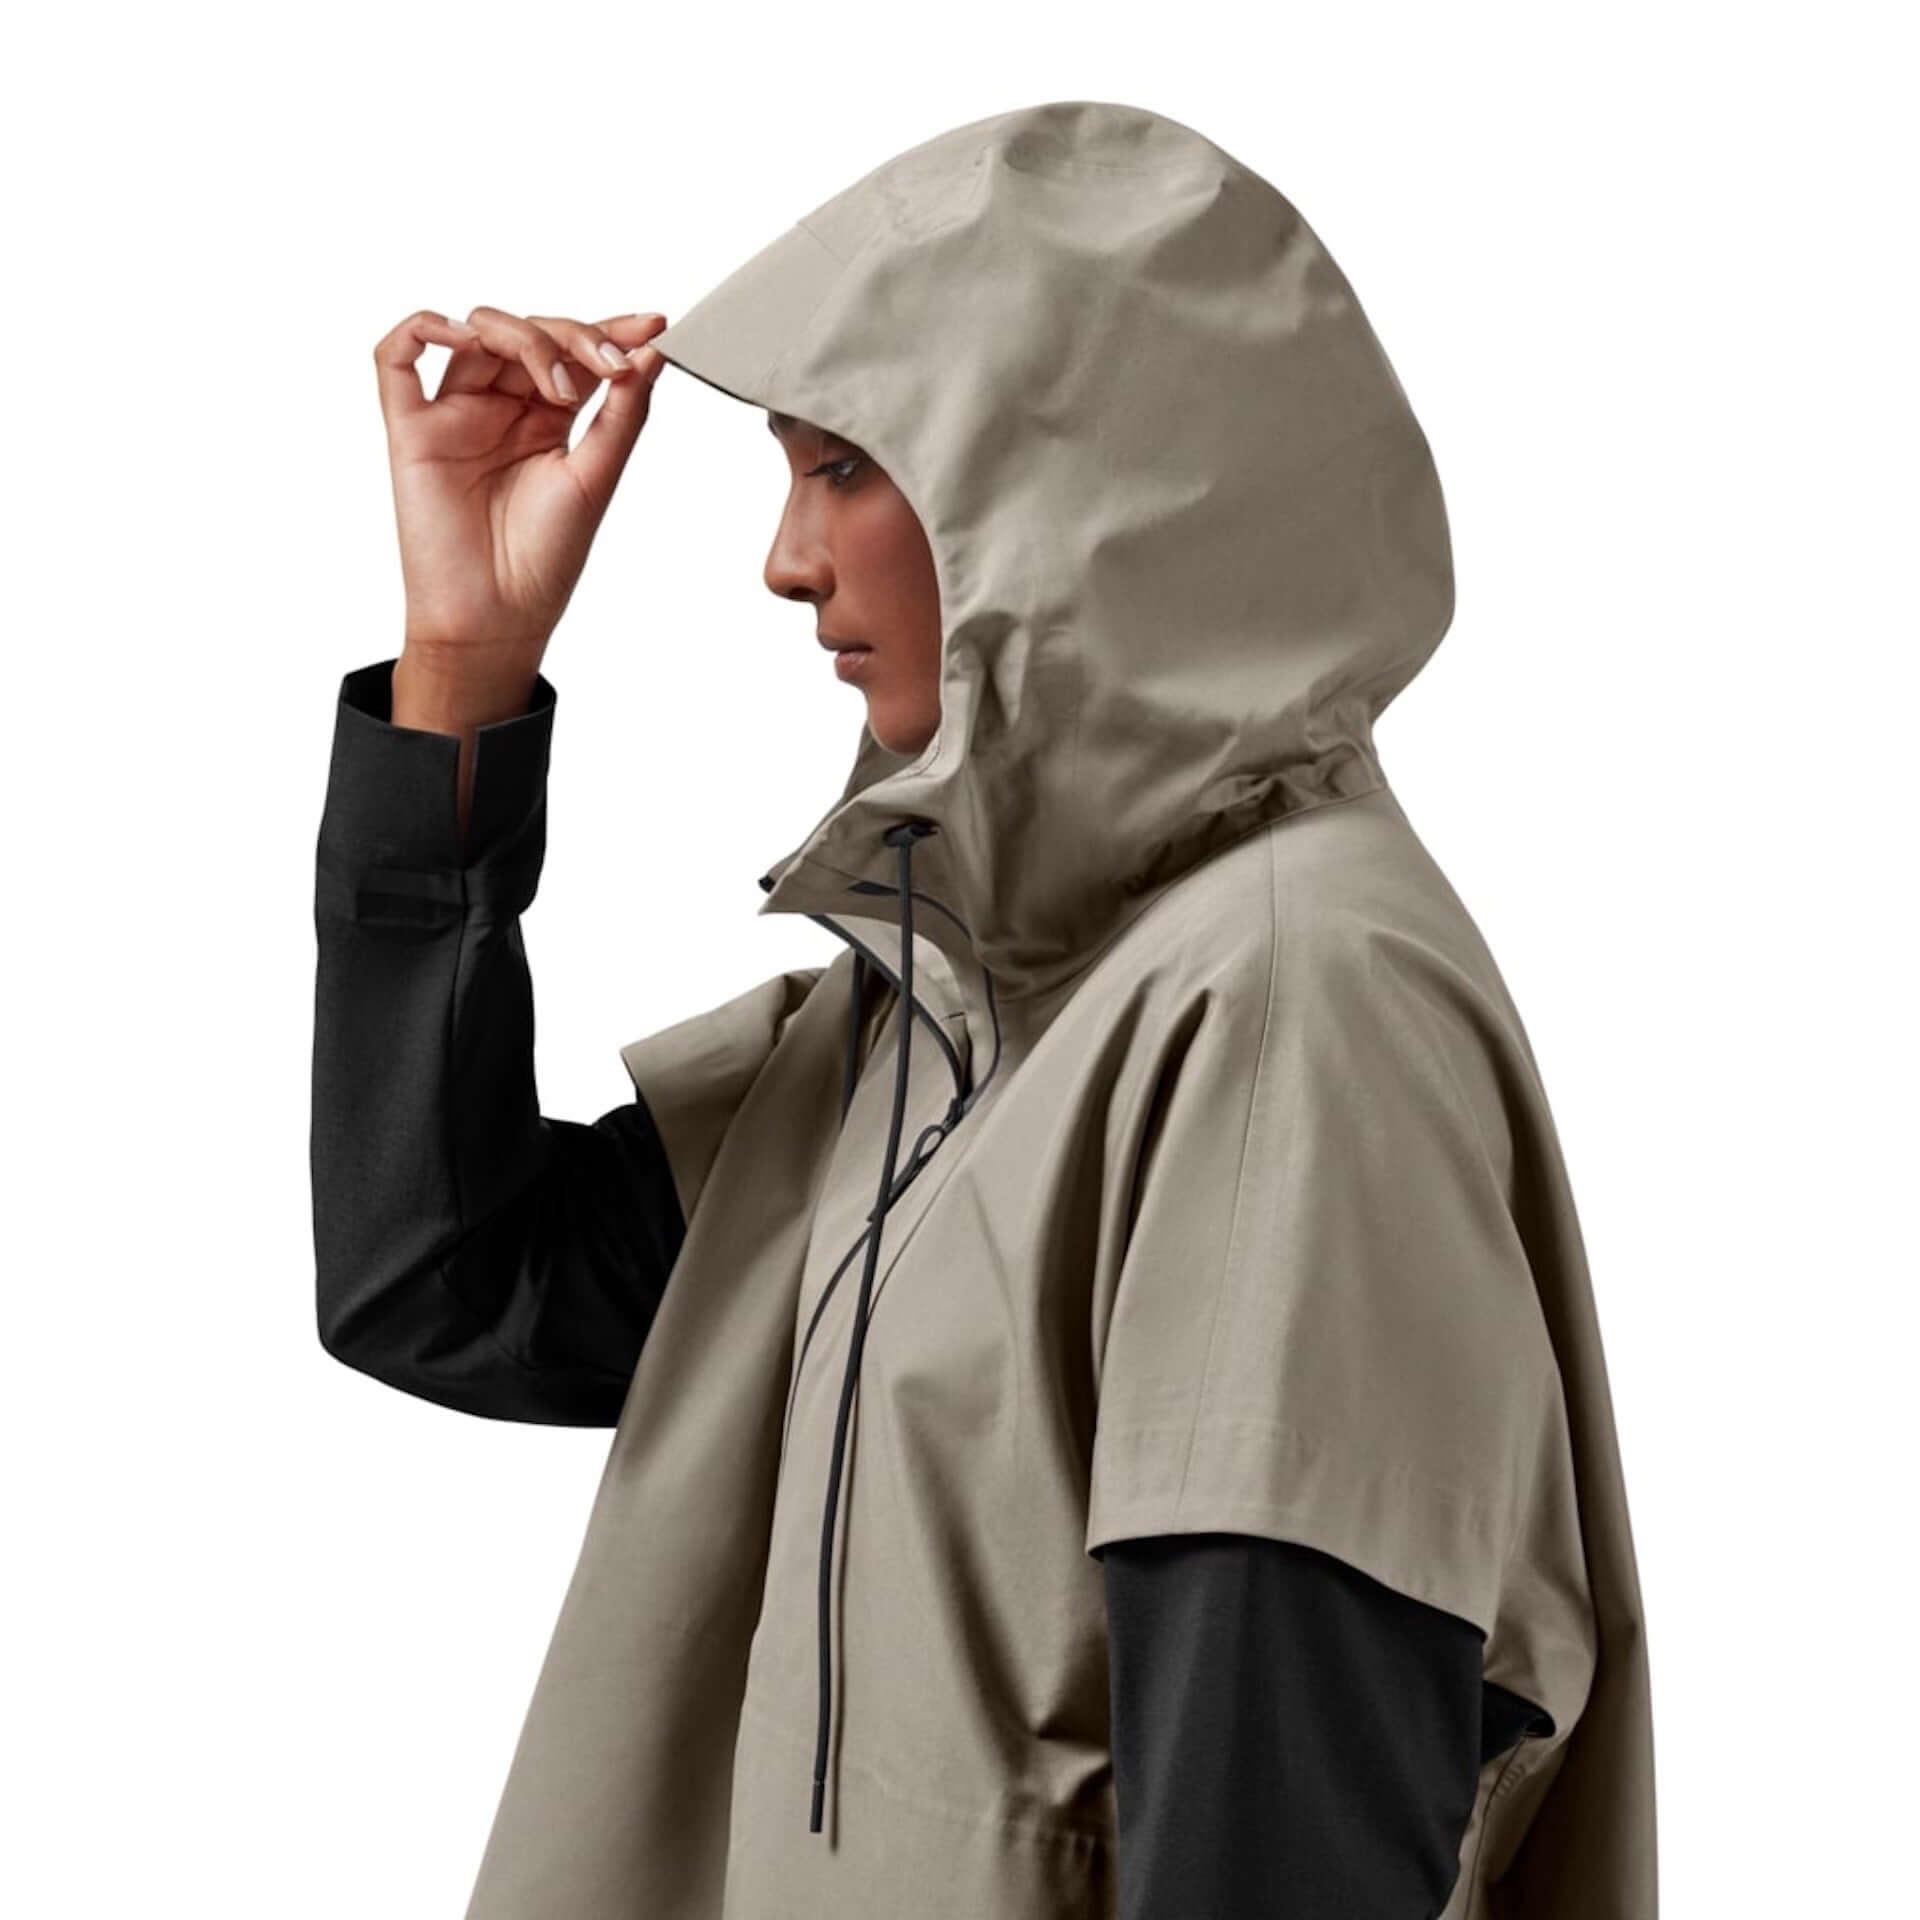 スイス発ブランド「On」が世界600着限定のハイエンドジャケットを発売!環境に配慮したオーガニックコットンを使用 lf201015_on-jacket_11-1920x1920